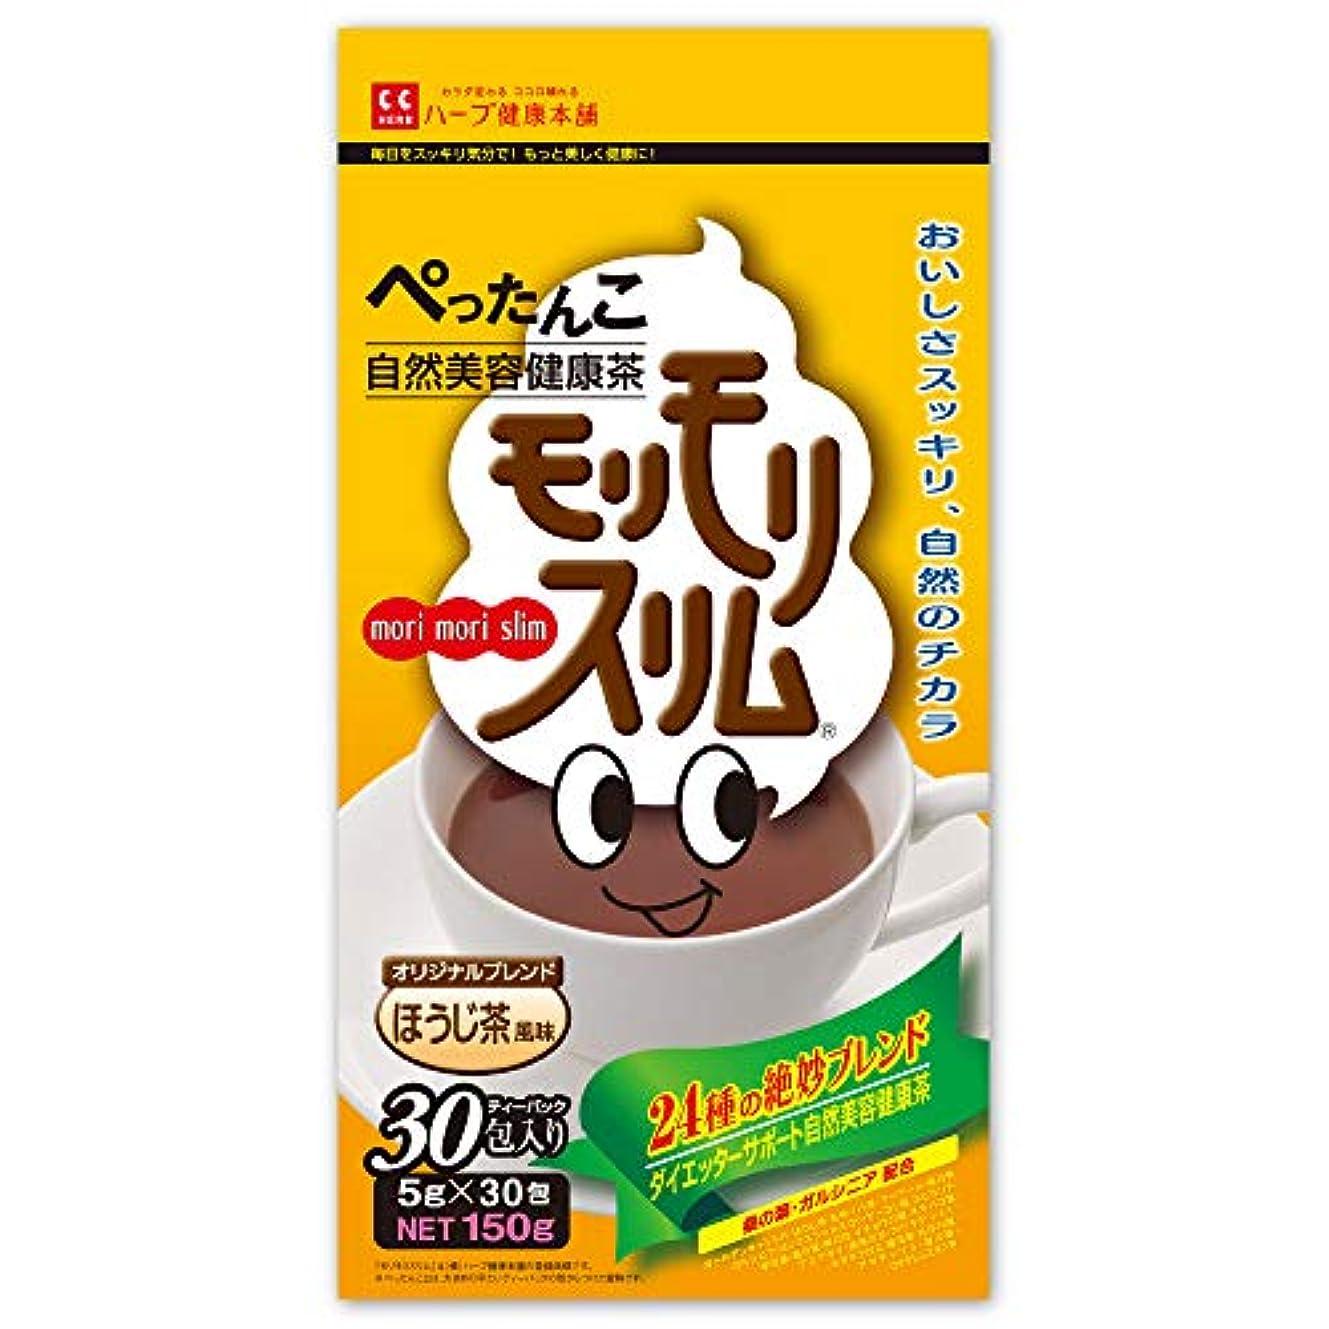 時間厳守共和国モロニックハーブ健康本舗 モリモリスリム(ほうじ茶風味) (30包)